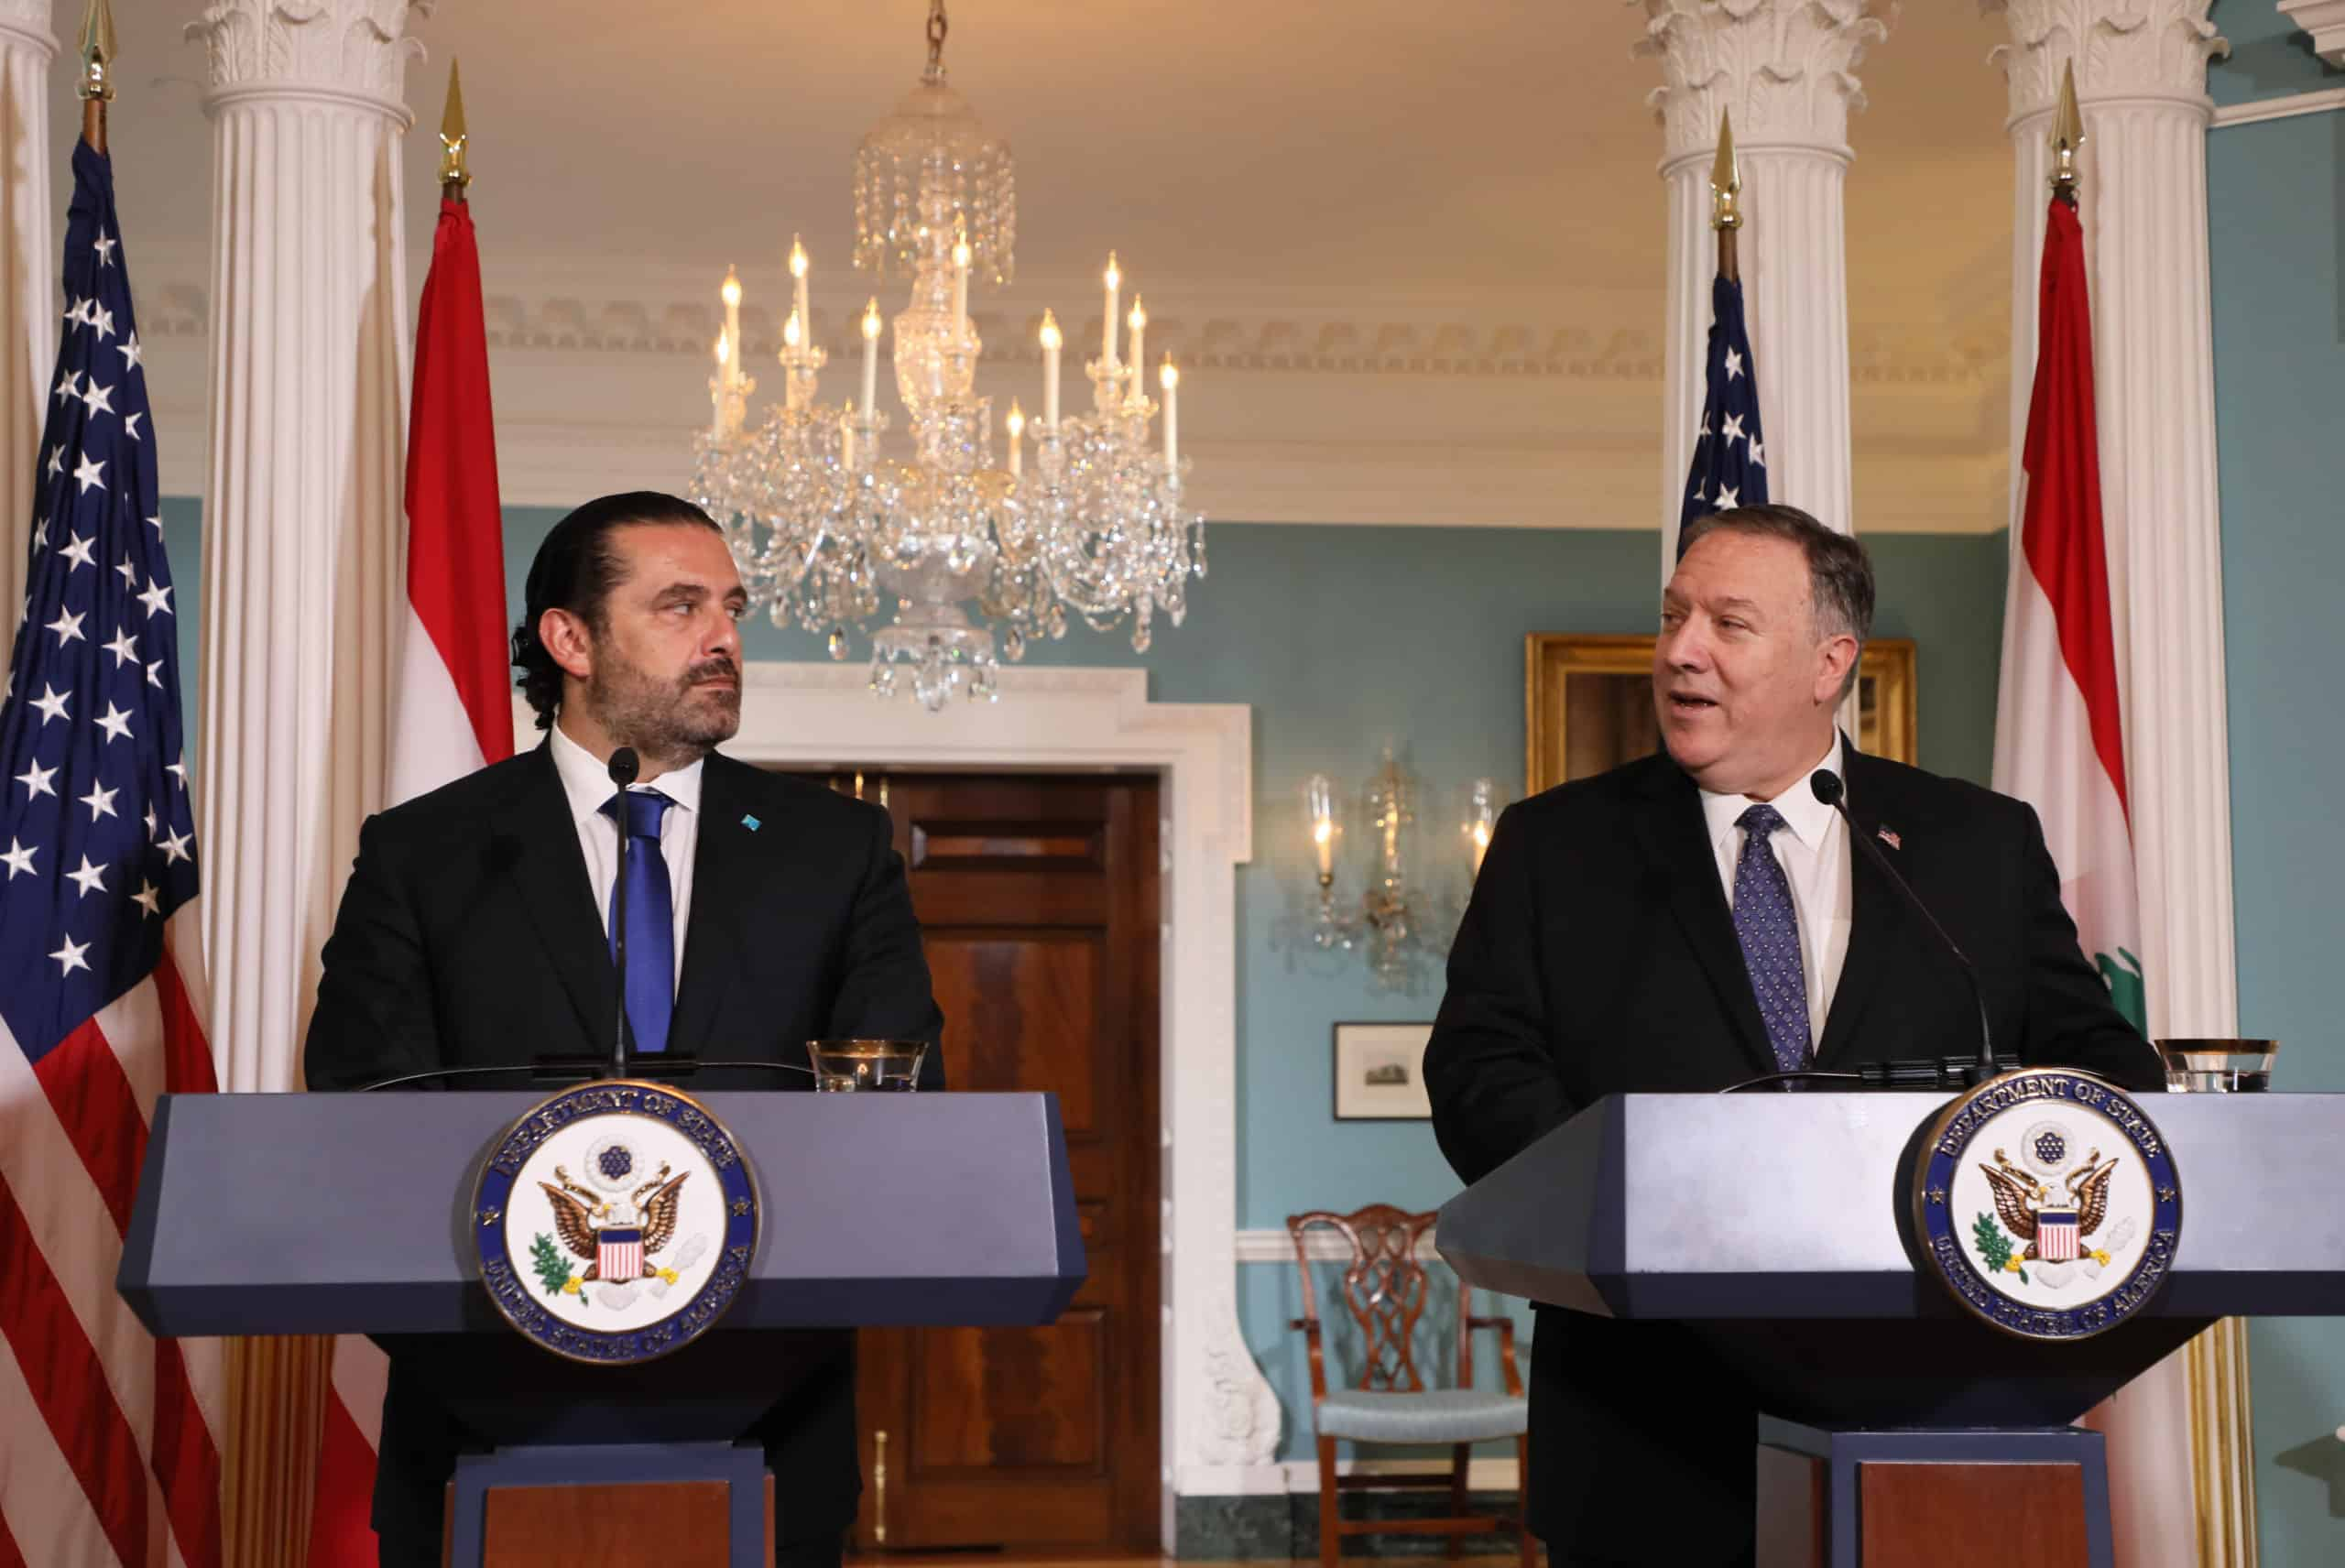 Le Premier Ministre Libanais Saad Hariri et le Secrétaire d'état américain Mike Pompeo, lors de la conférence de presse commune. Source Photo: Dalati & Nohra